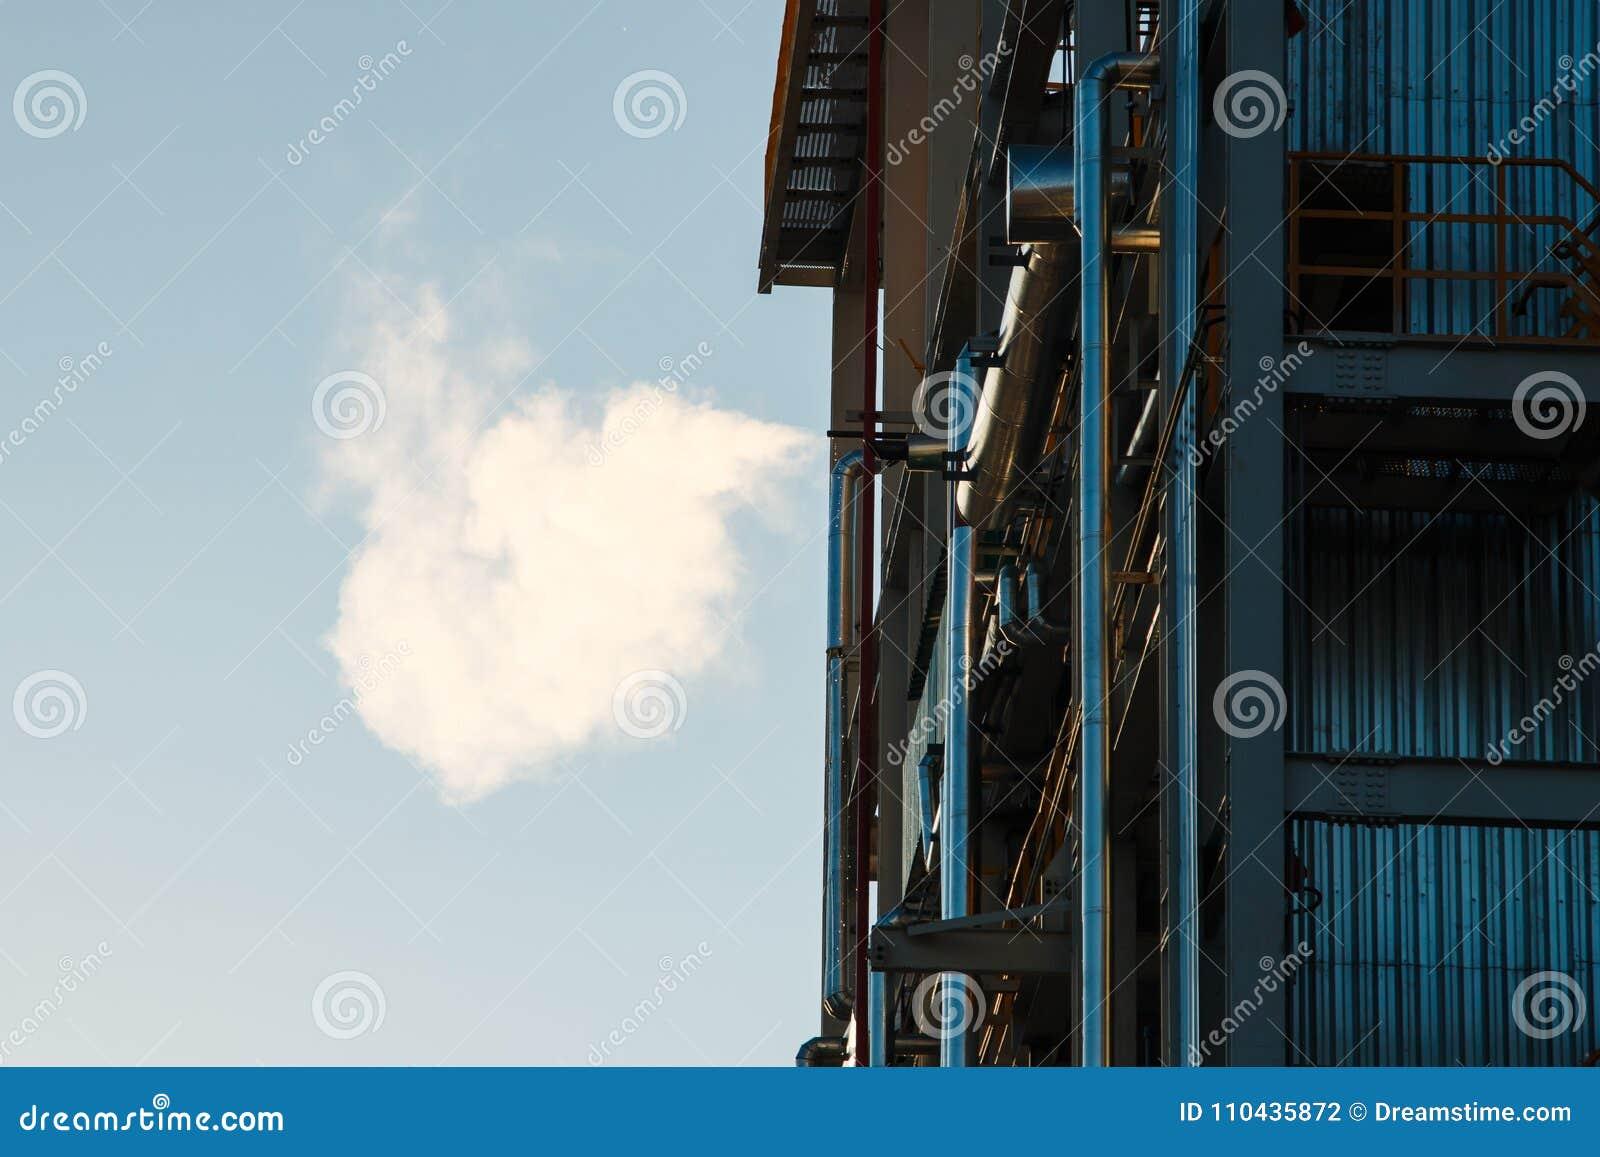 Pijpleidingen van Raffinaderijfabriek en isolatie bij industriezone